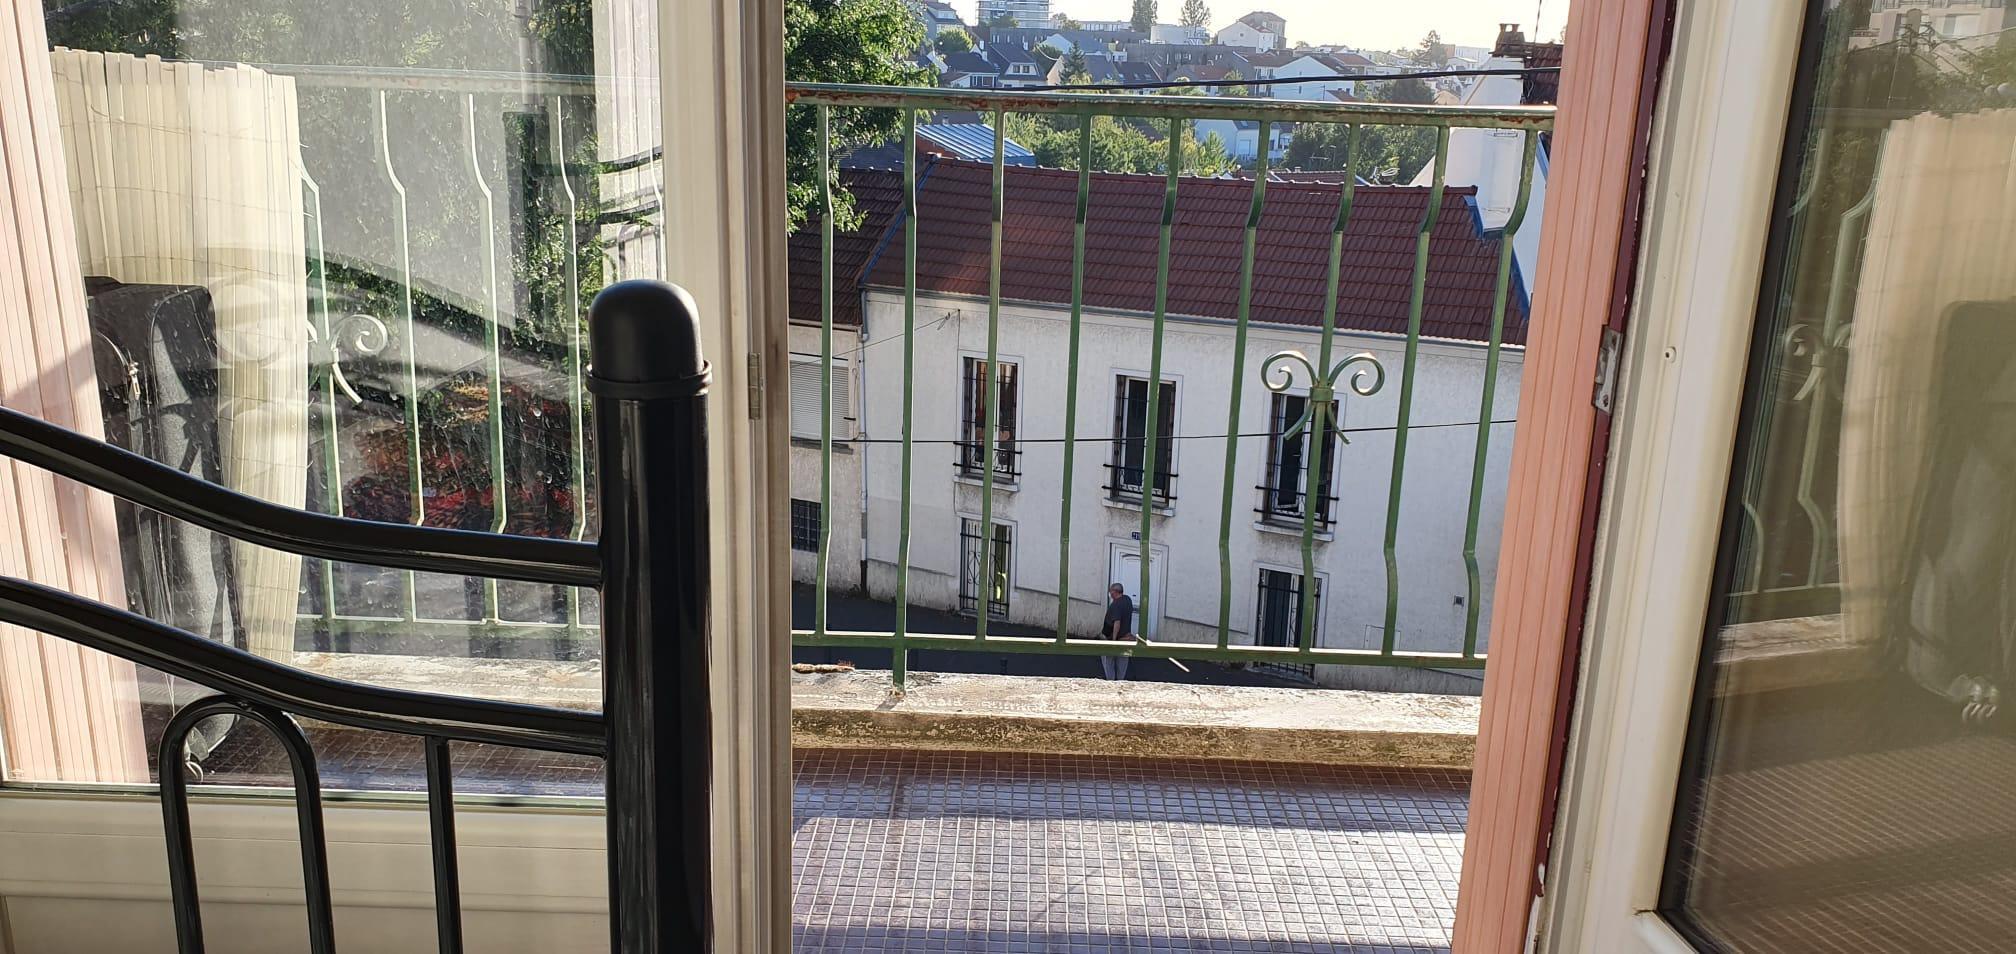 260 Boulevard Théophile Sueur, 93100 Montreuil, France